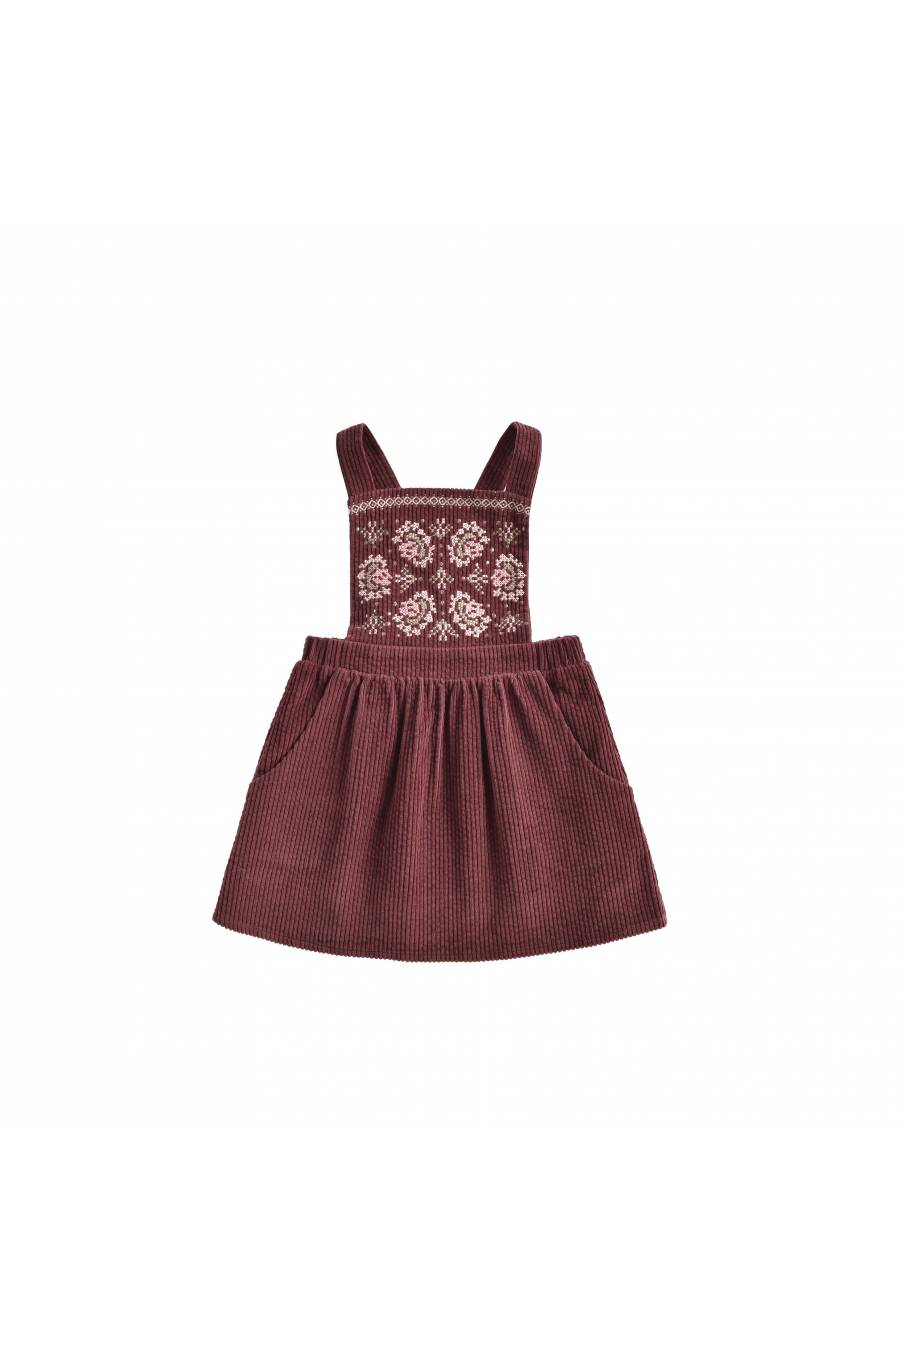 boheme chic vintage robe bébé fille liama aubergine velvet